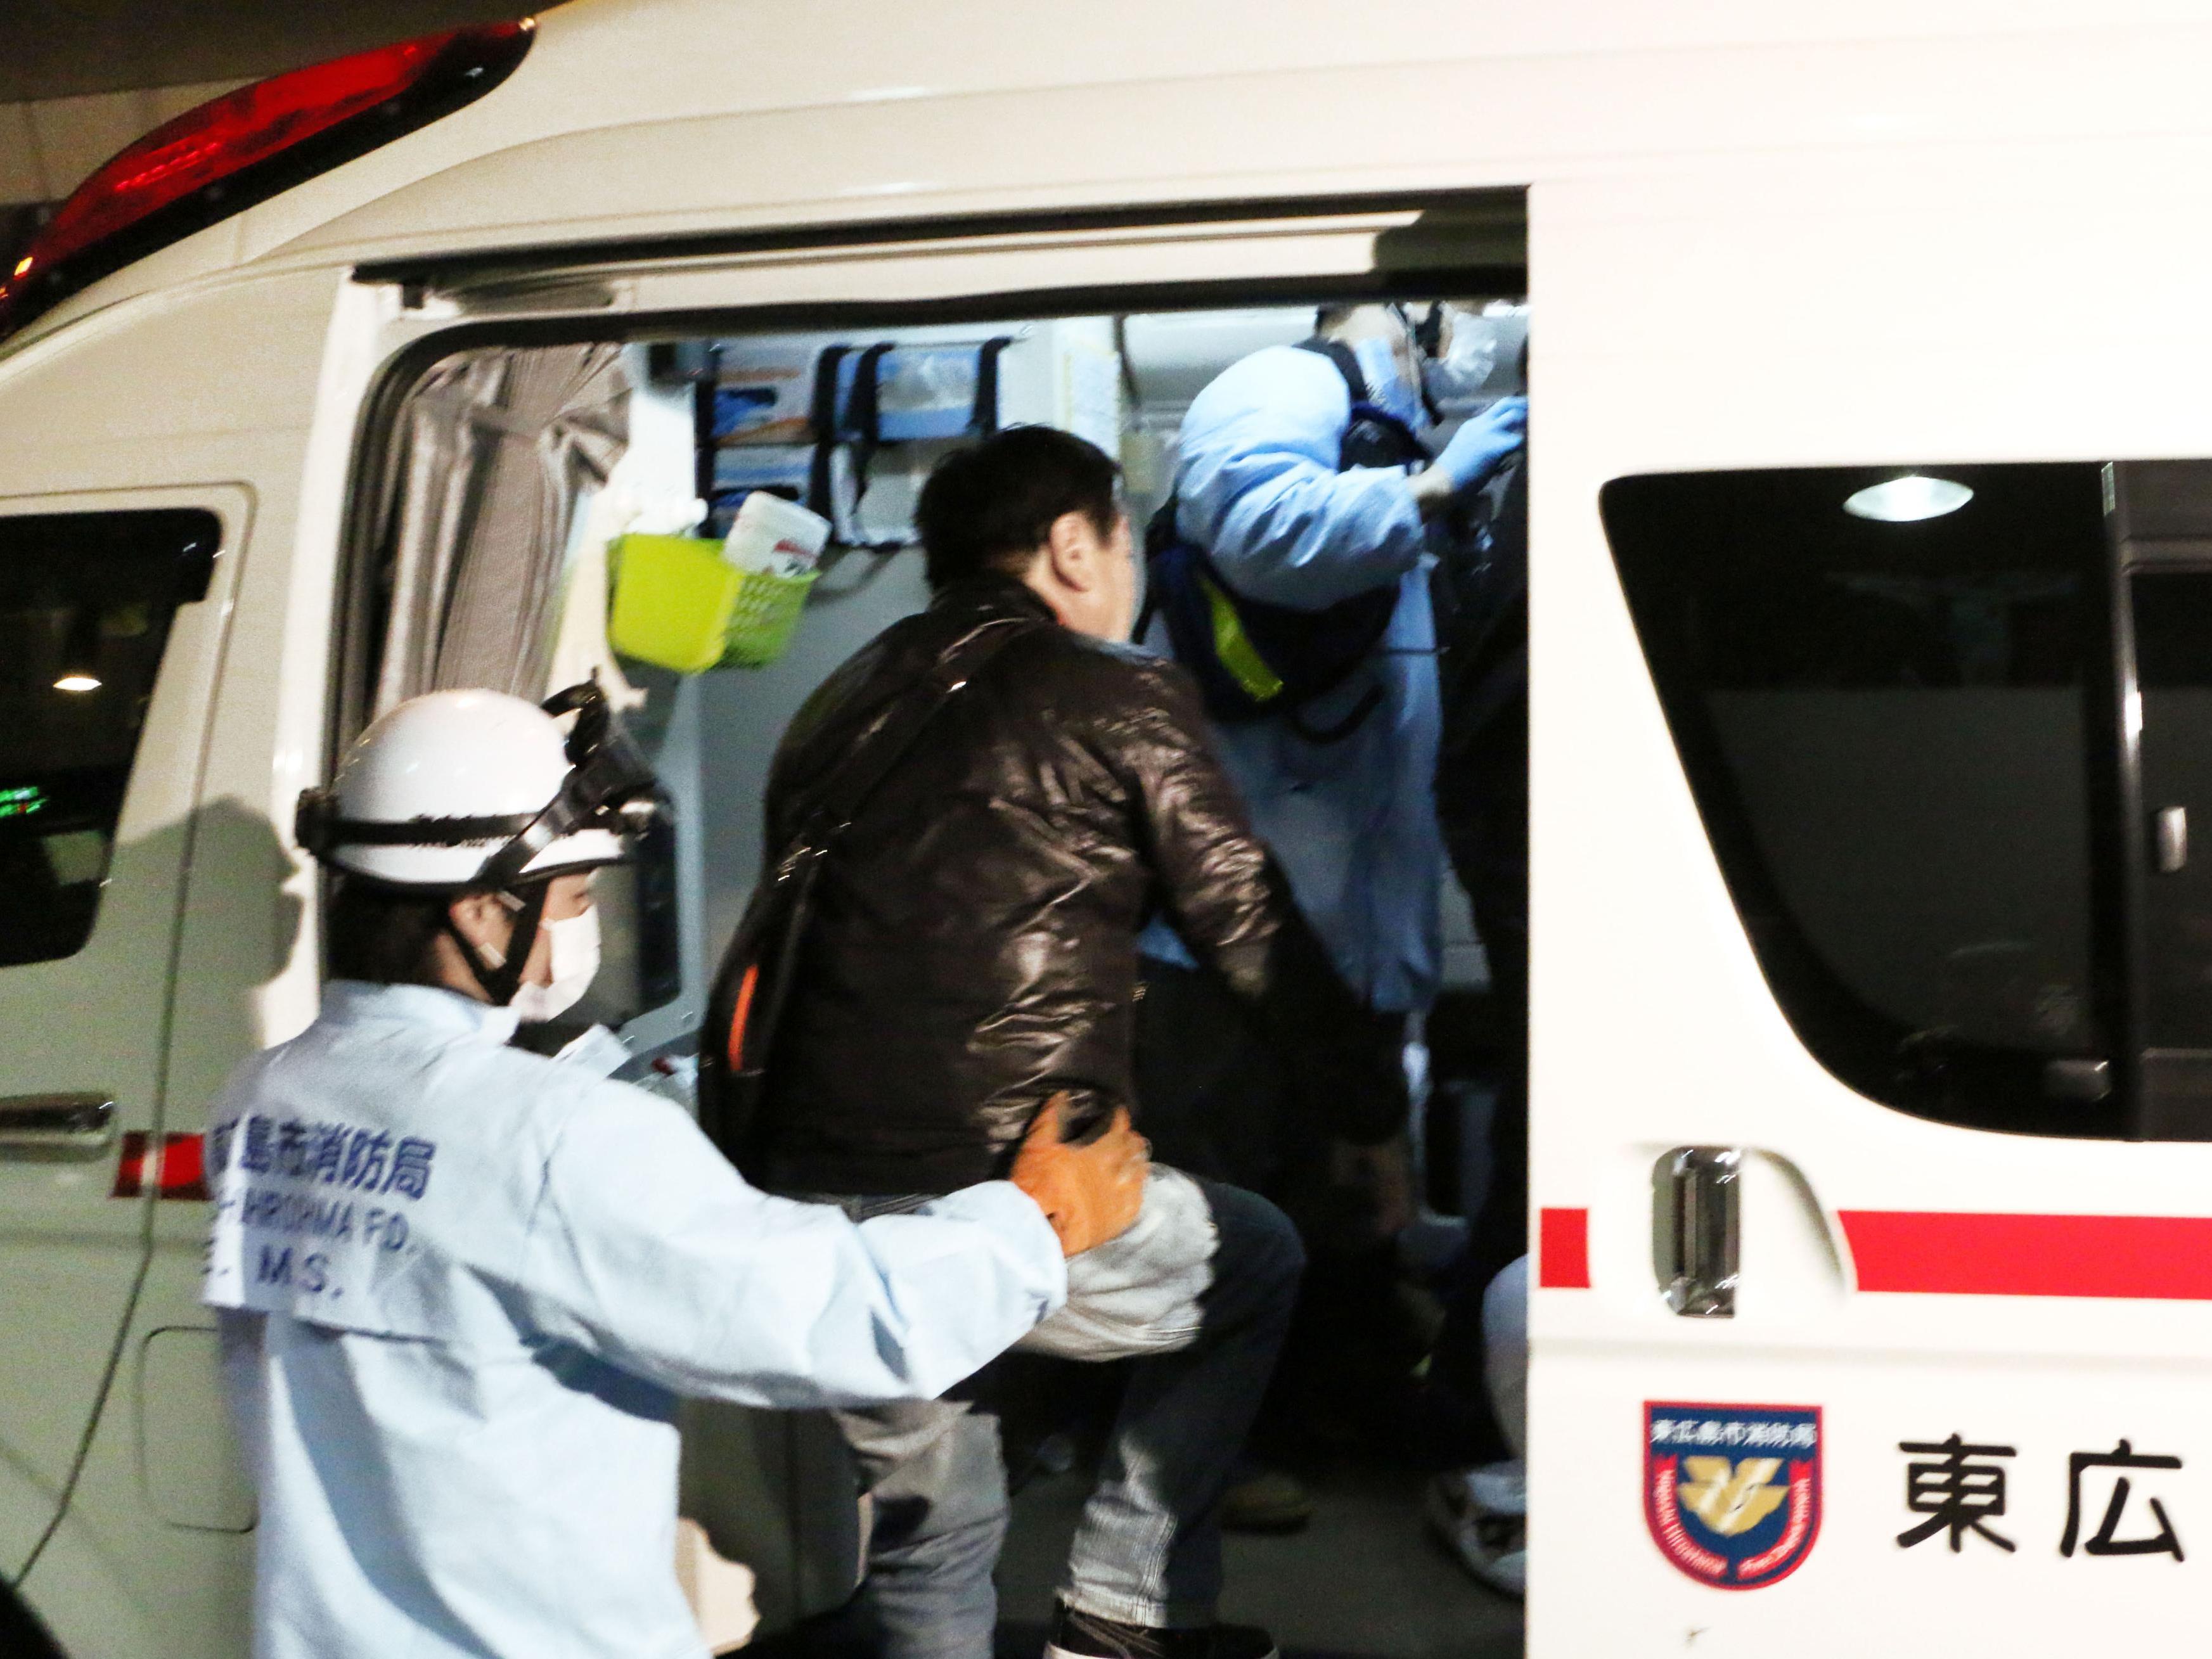 Ein Flugzeugunglück in Japan ging glimpflich aus.